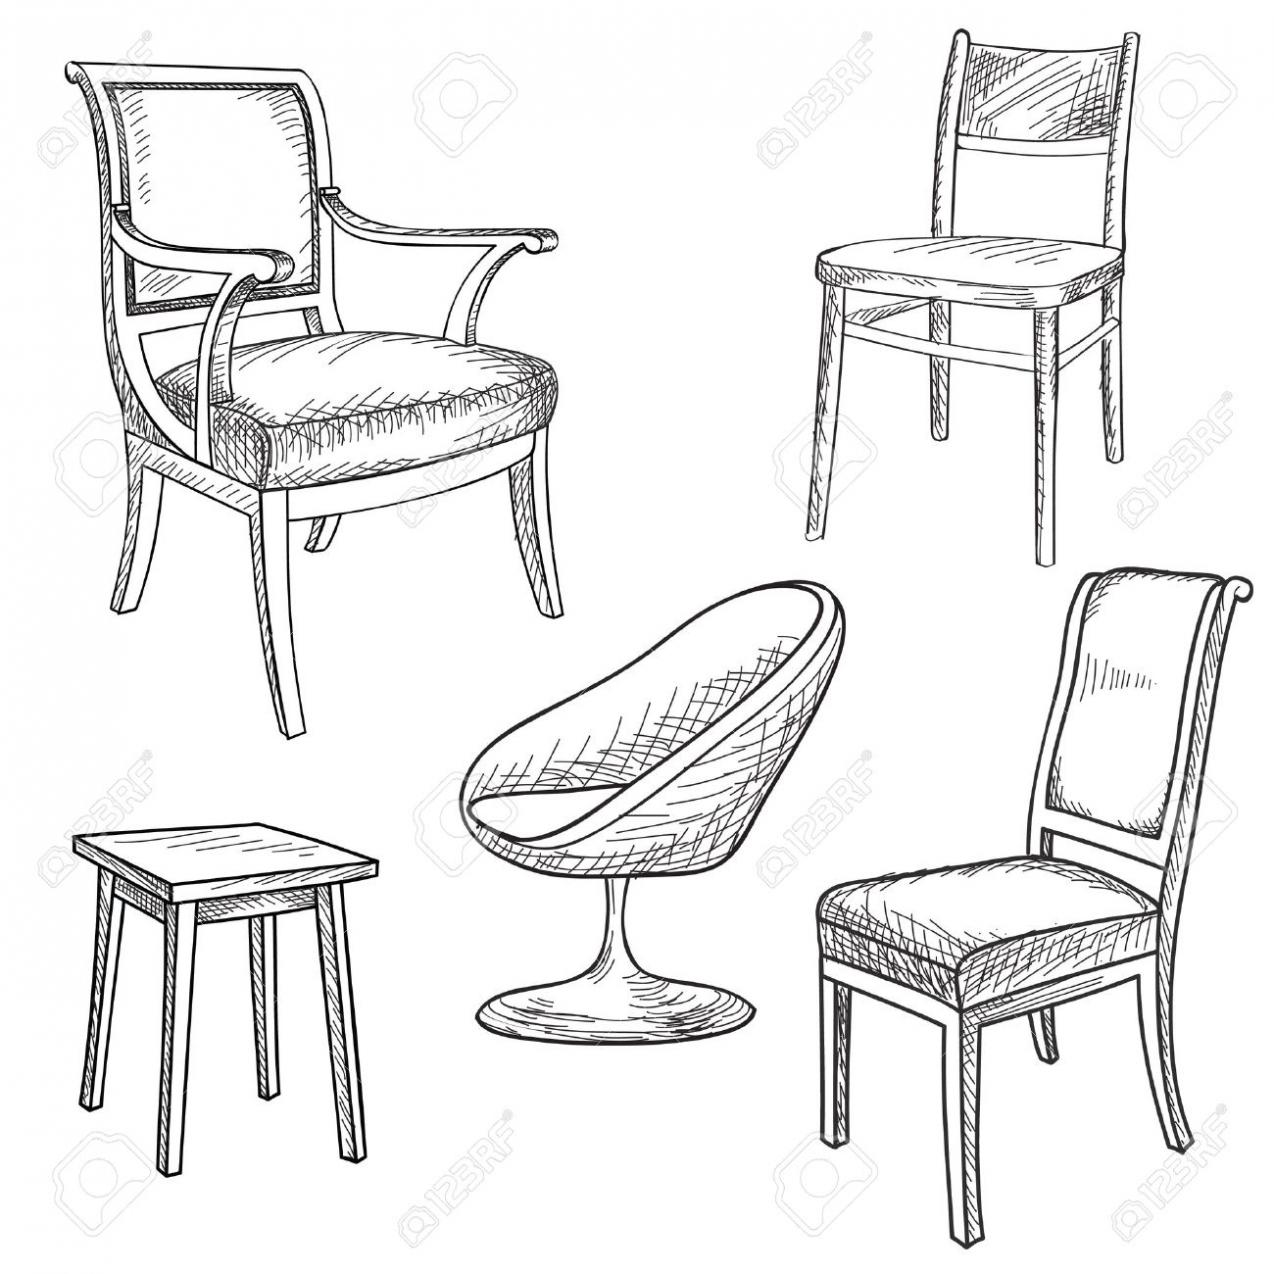 Furniture Drawing At Getdrawings